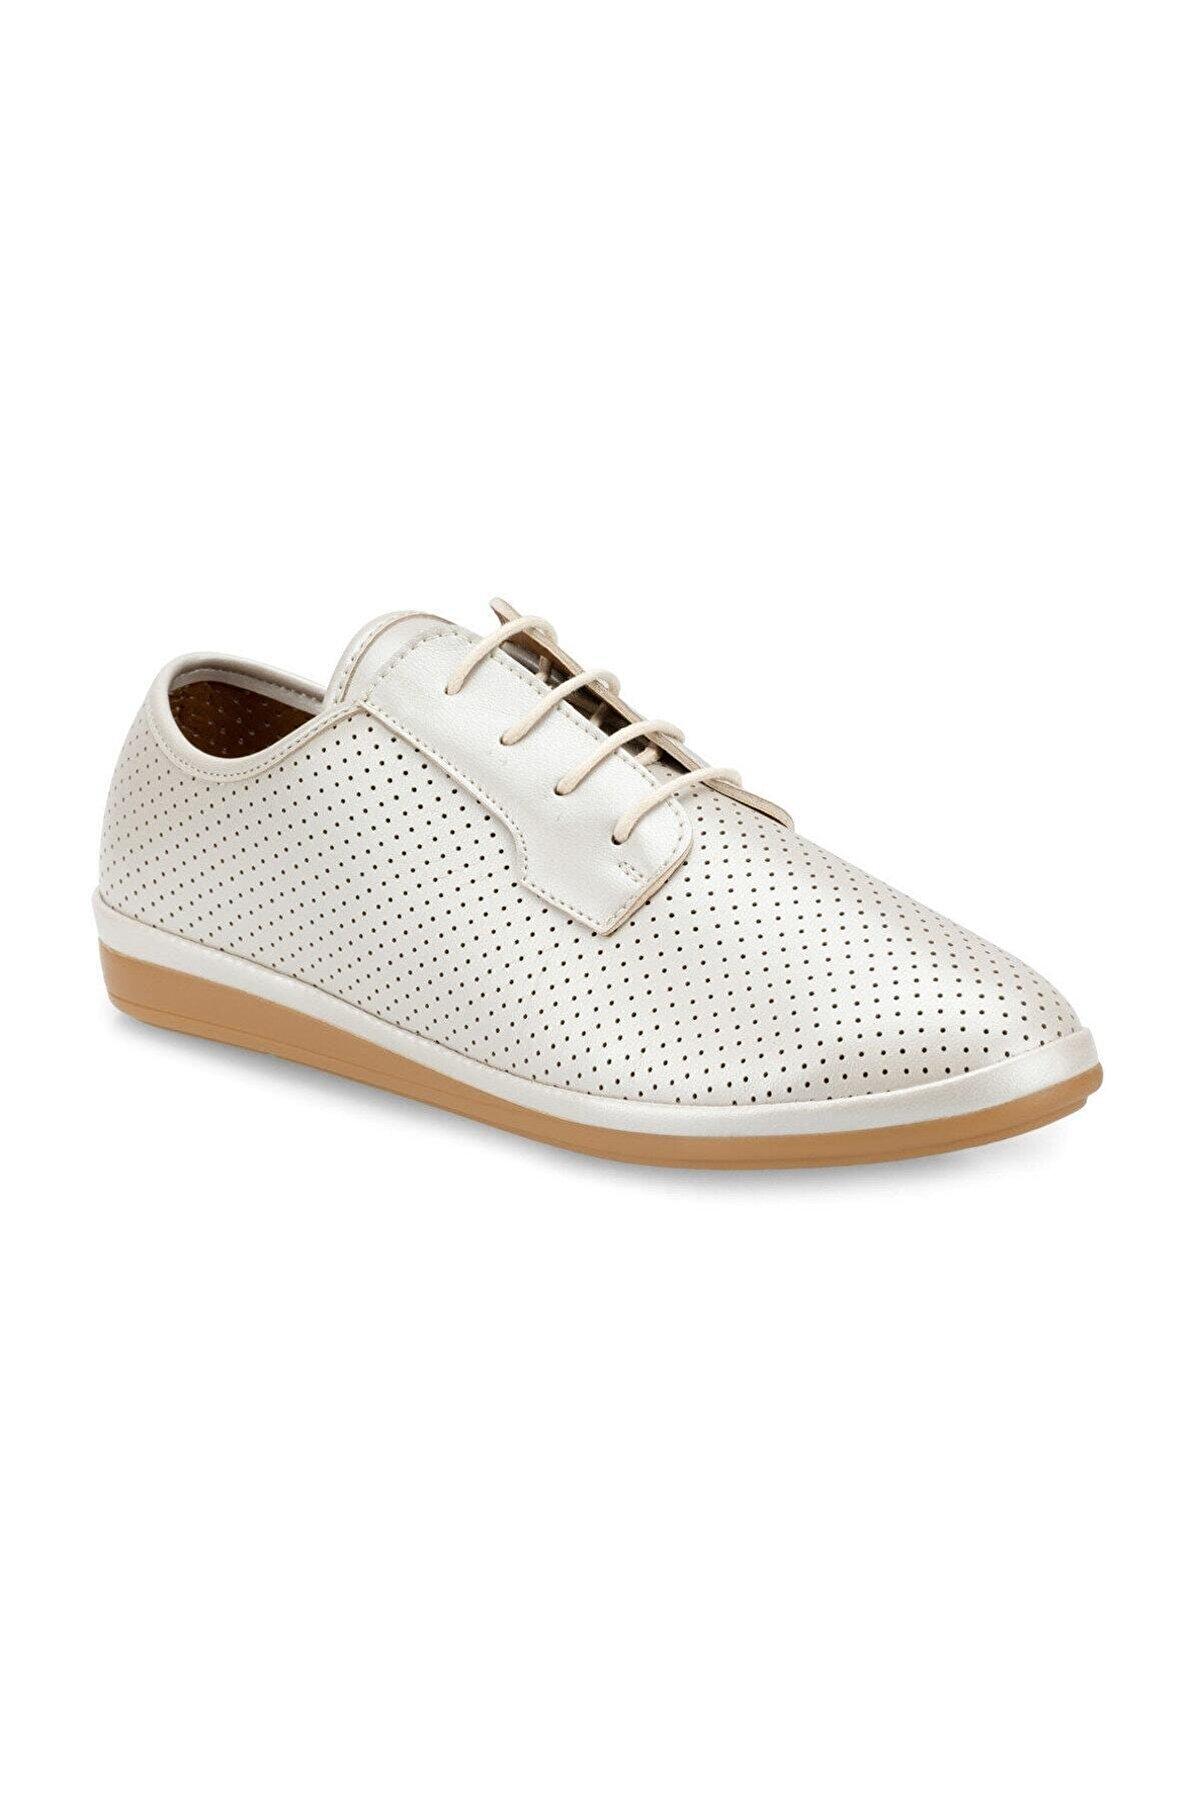 Polaris 91.157318.Z Bej Kadın Ayakkabı 100514814